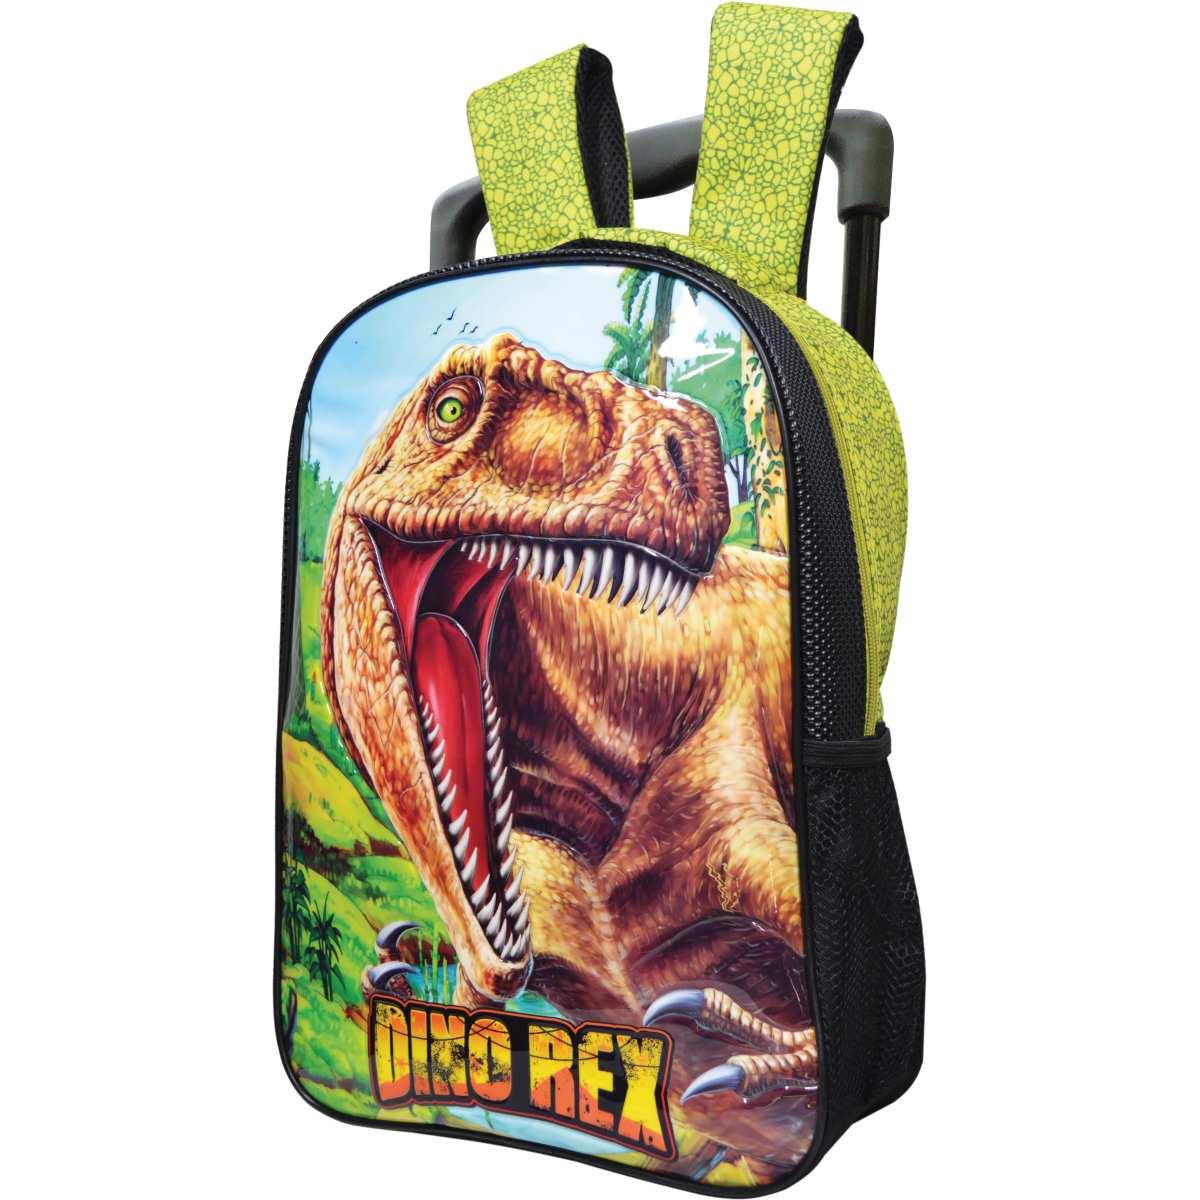 Mochila de Carrinho - Dino Rex GD 2Bolso Sort. - Kit